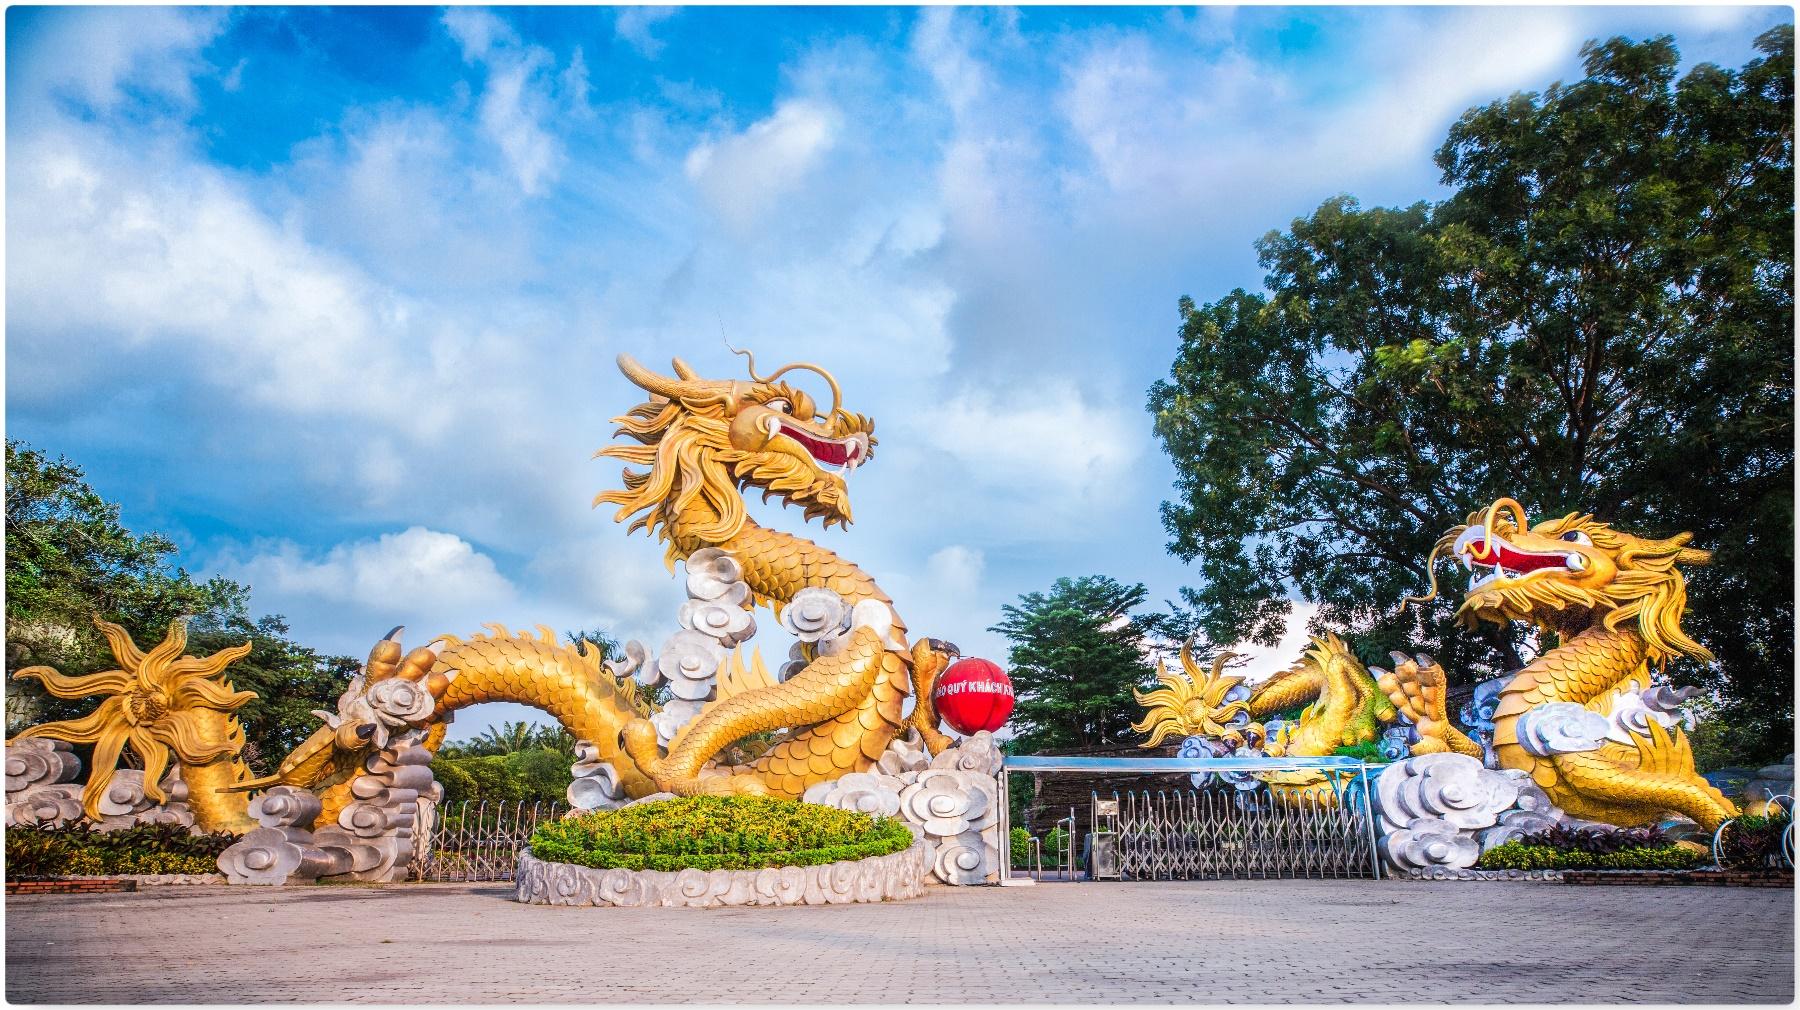 Khu du lịch Bửu Long - Địa điểm vui chơi hấp dẫn gần Sài Gòn